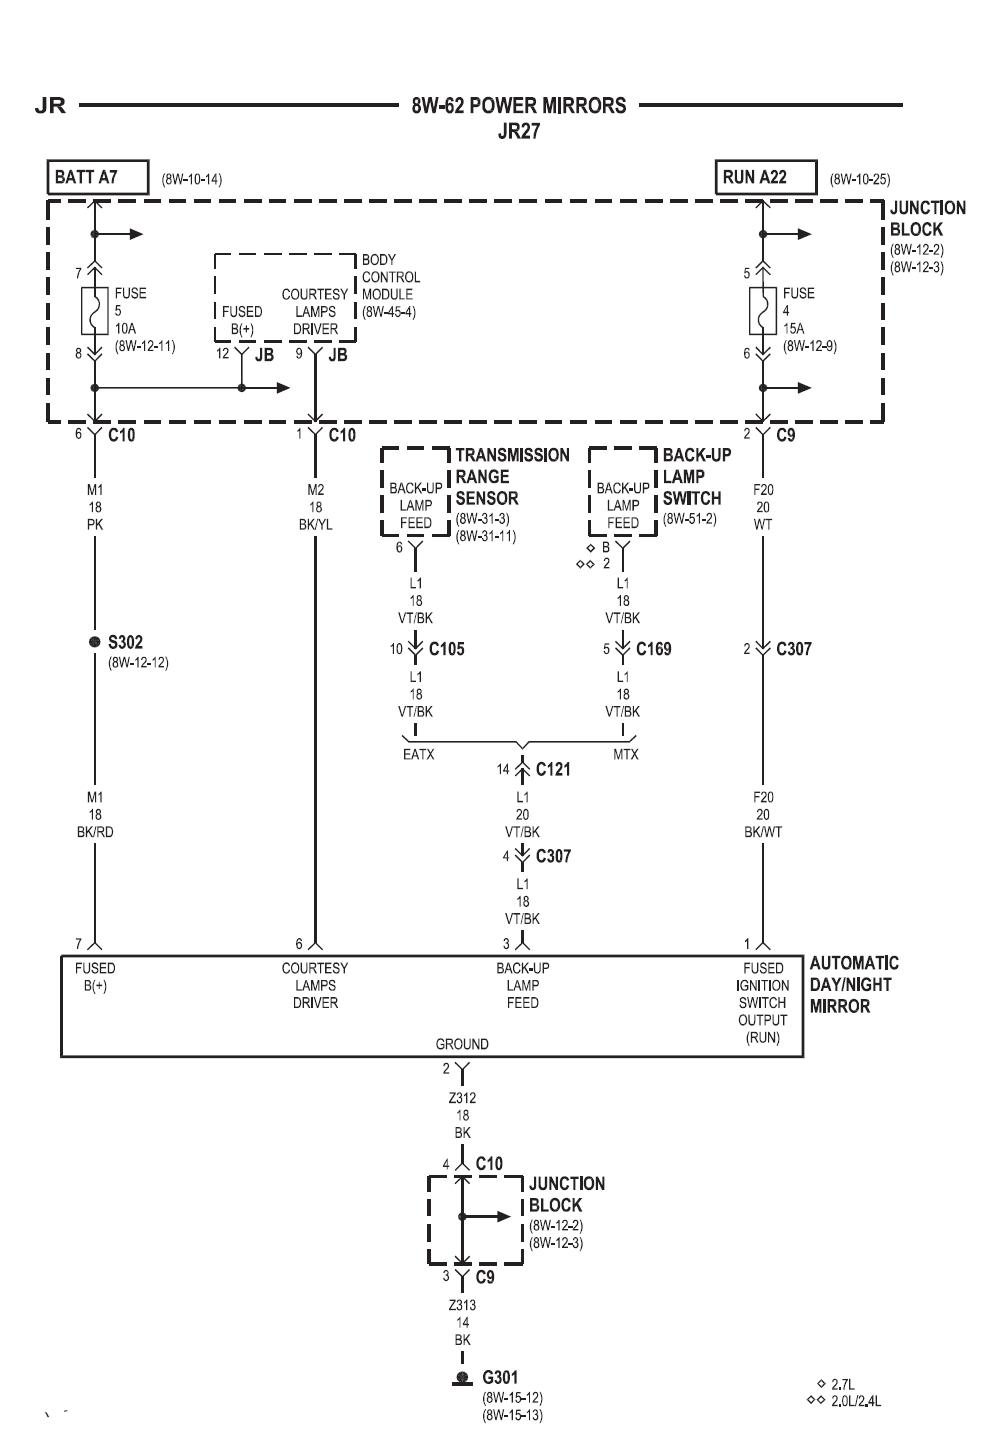 2003 chrysler sebring wiring diagram wiring diagram paper 2002 chrysler sebring wiring diagram 2002 sebring wiring